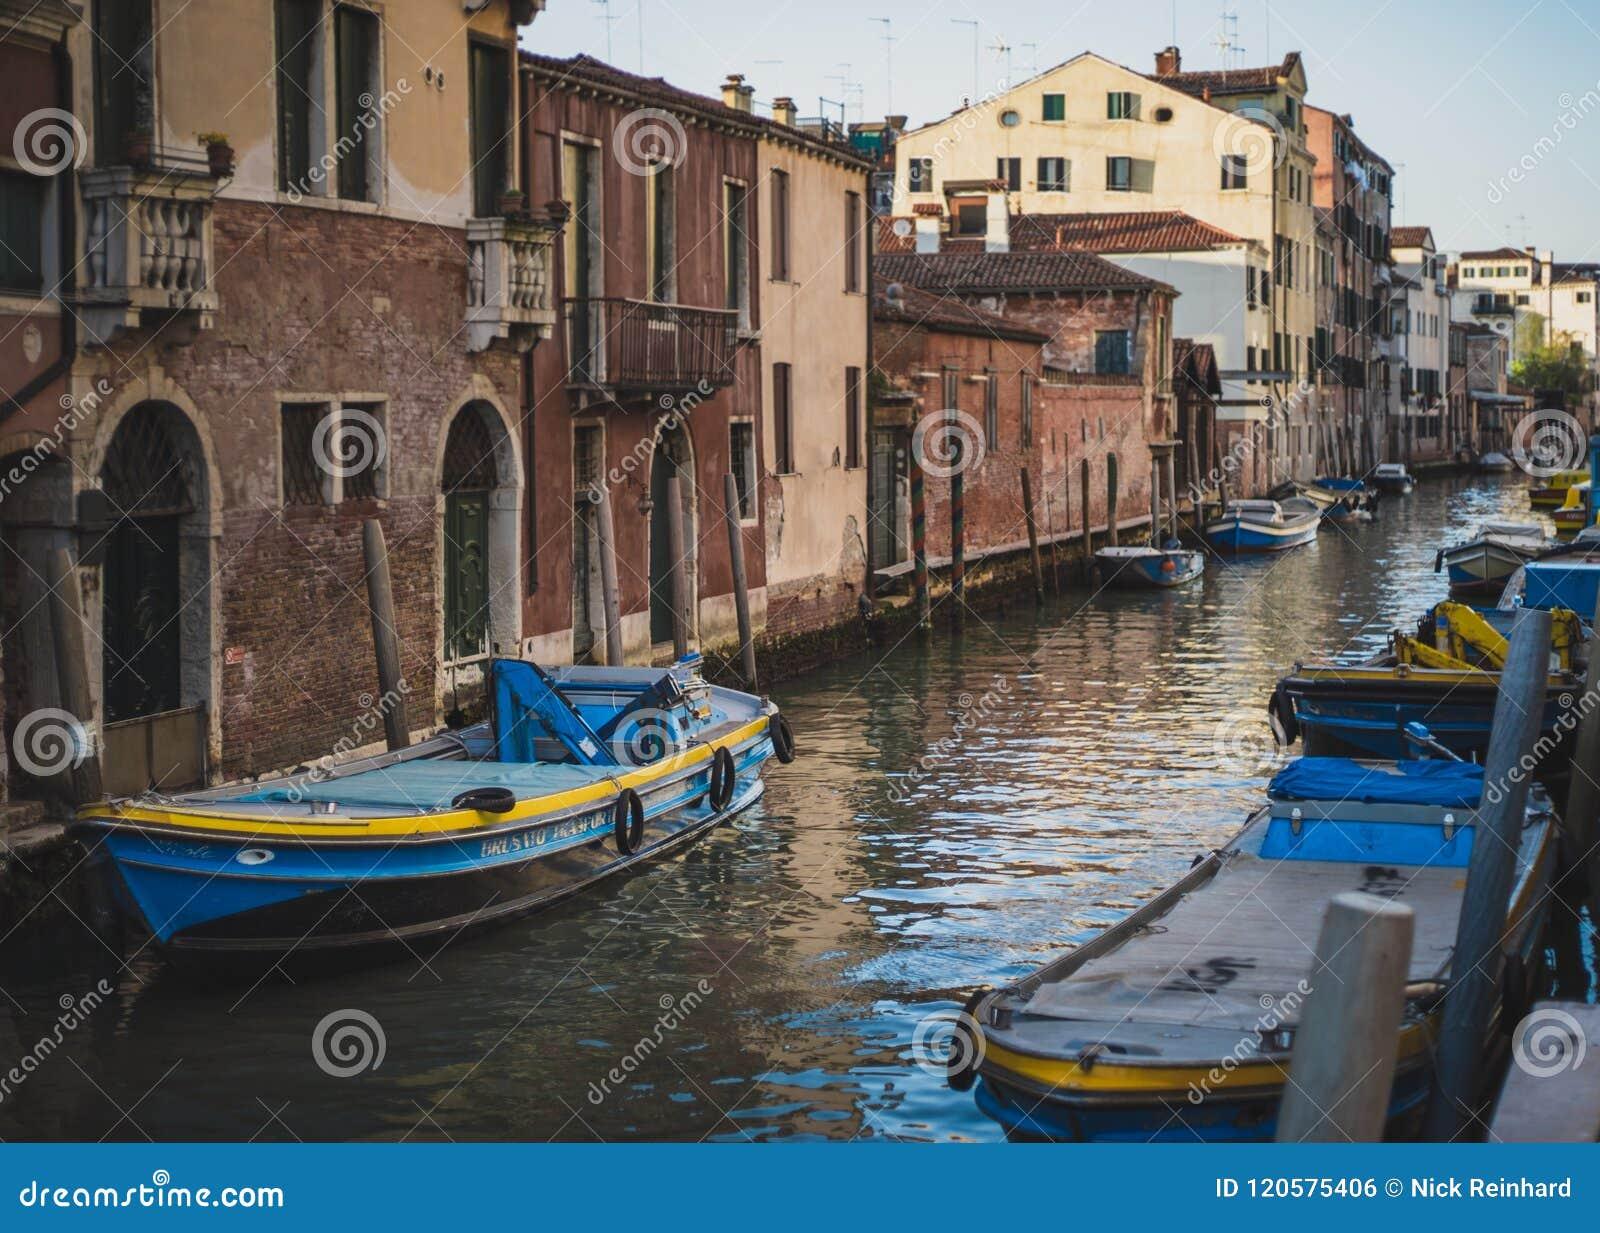 Blaue Boote auf dem venetianischen Kanal